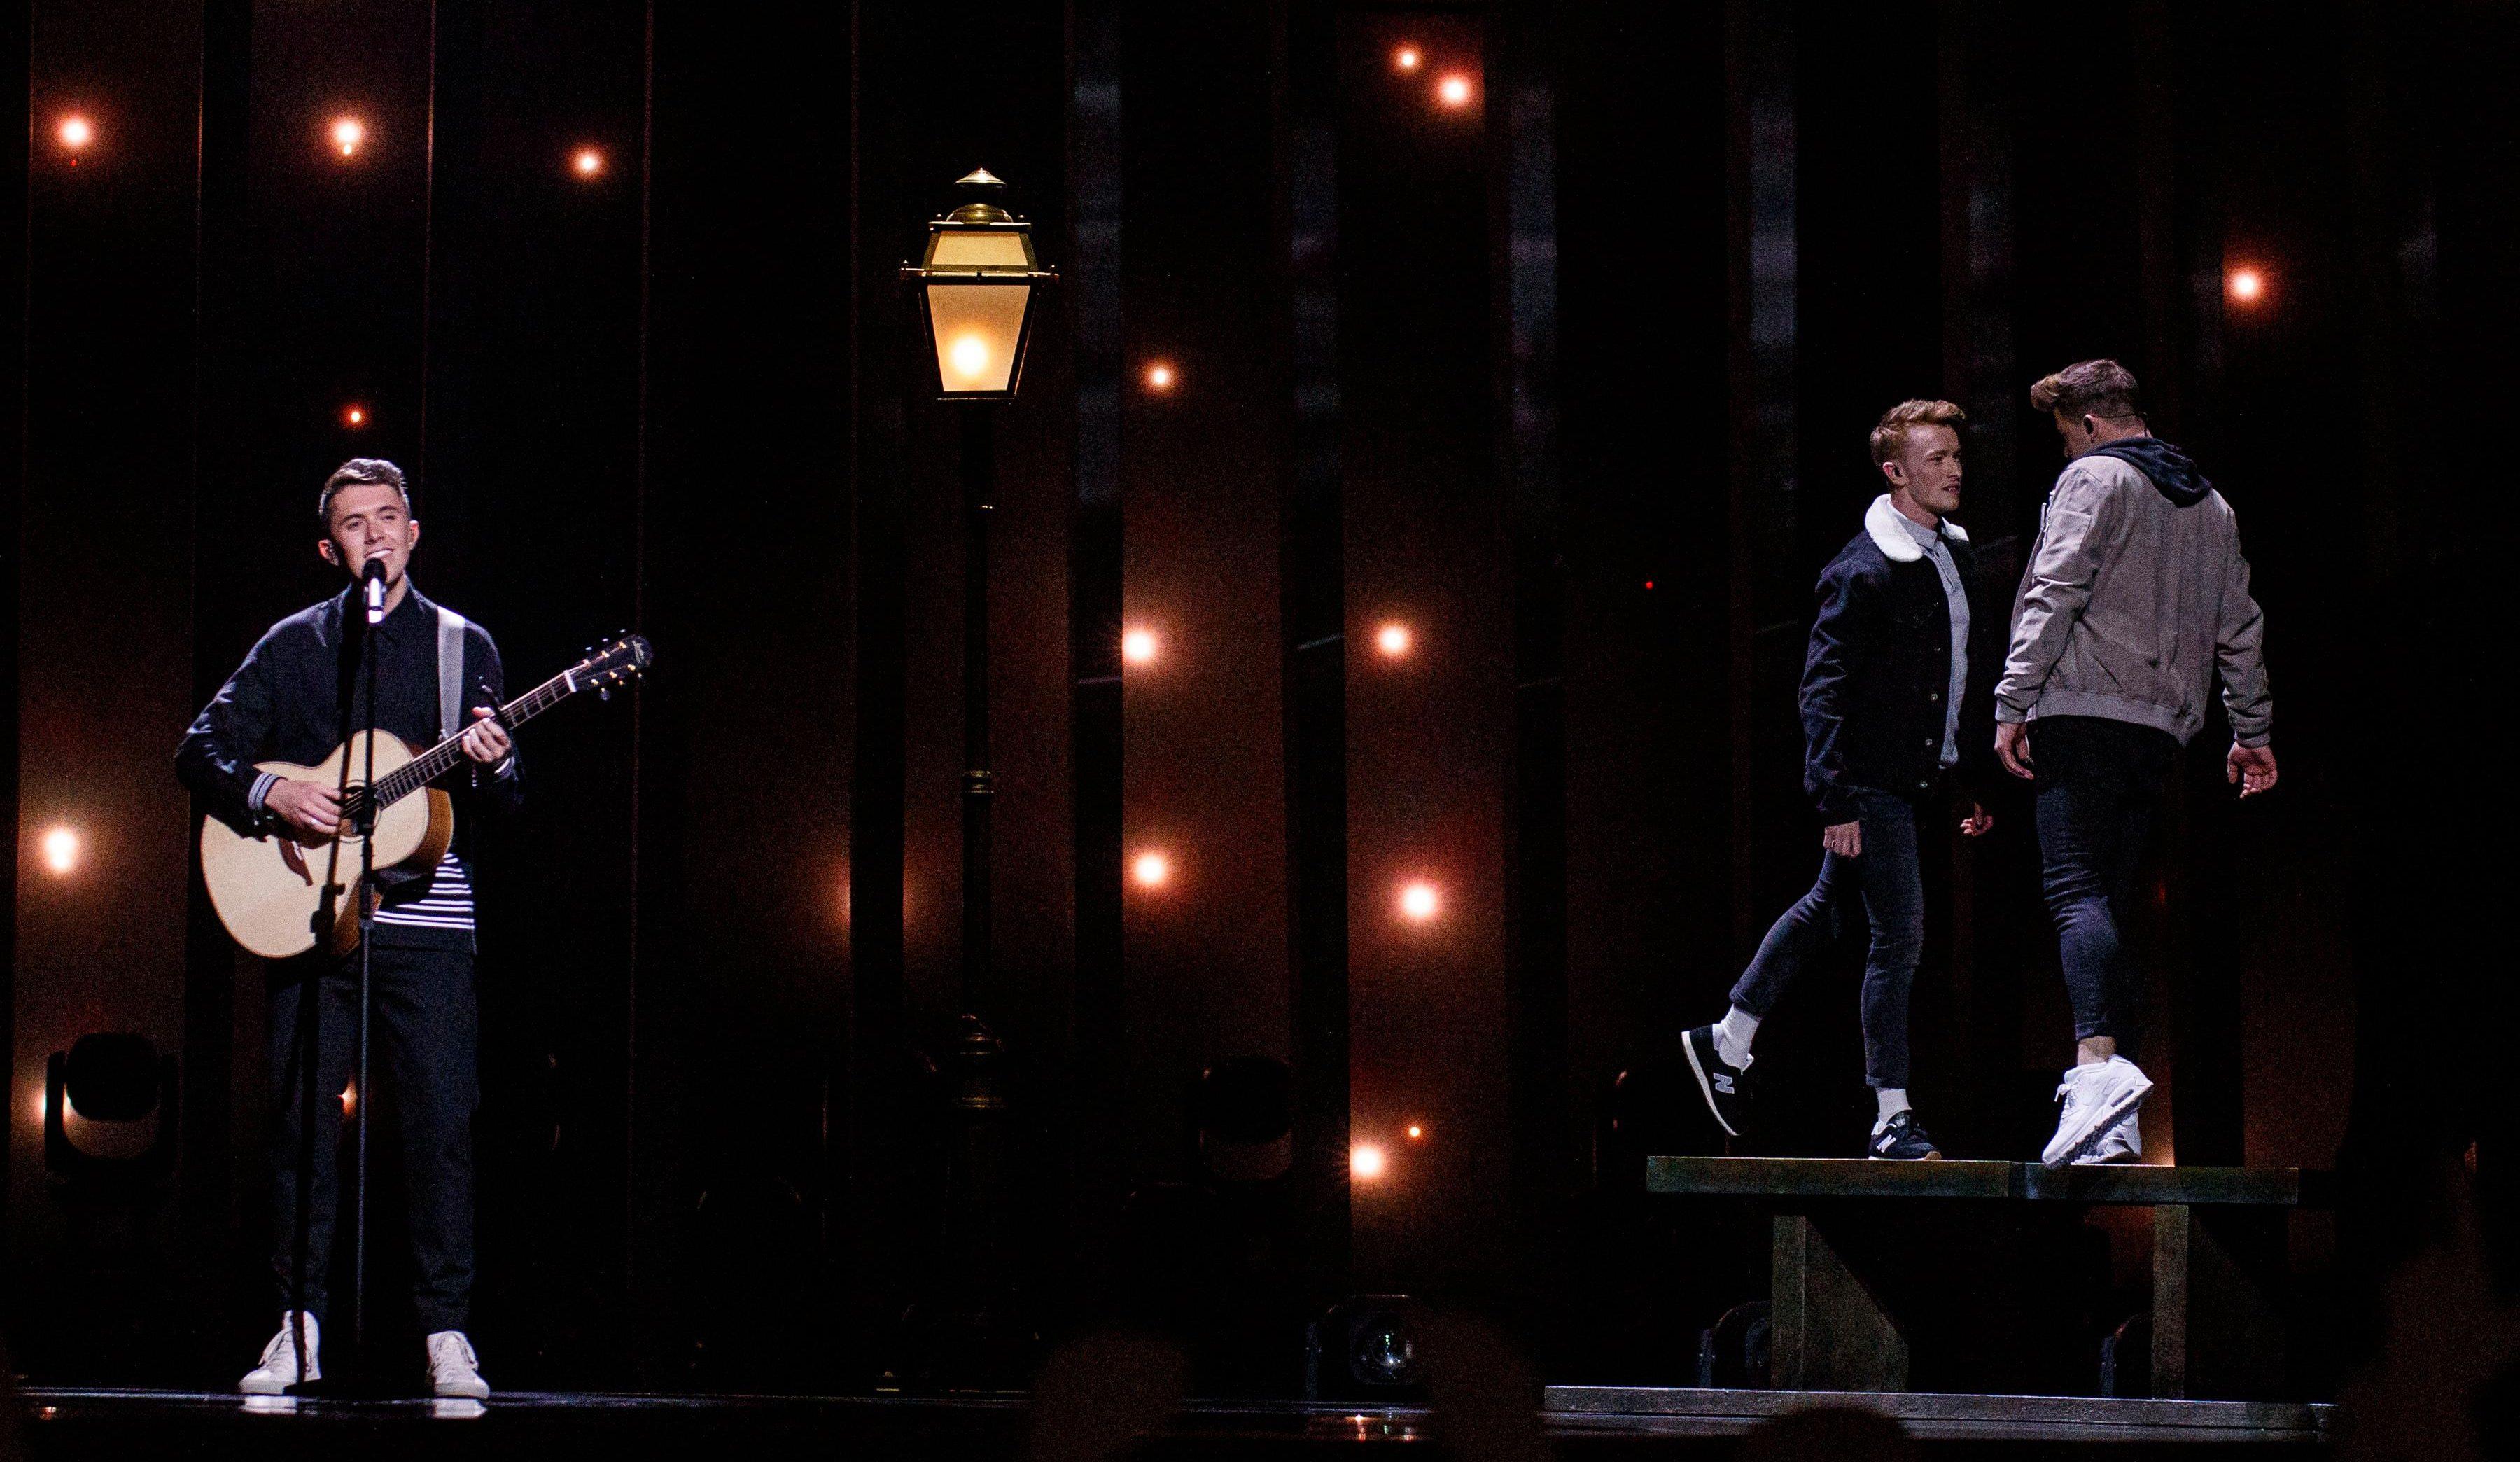 İzleyin: Eşcinsel Dansçılar, İrlanda'ya Eurovision Finalini Getirdi!